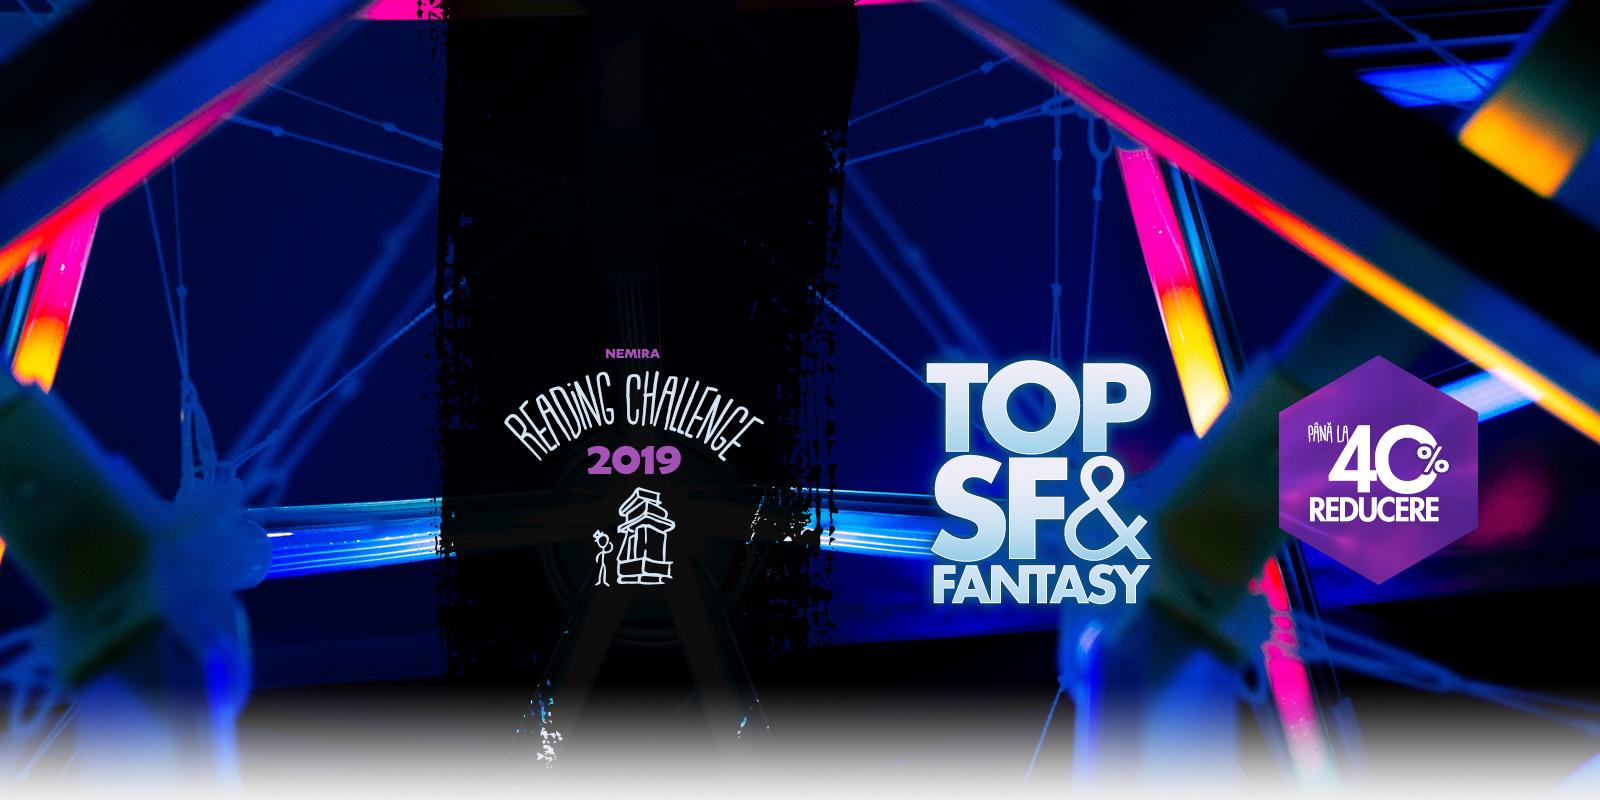 Top SF & Fantasy